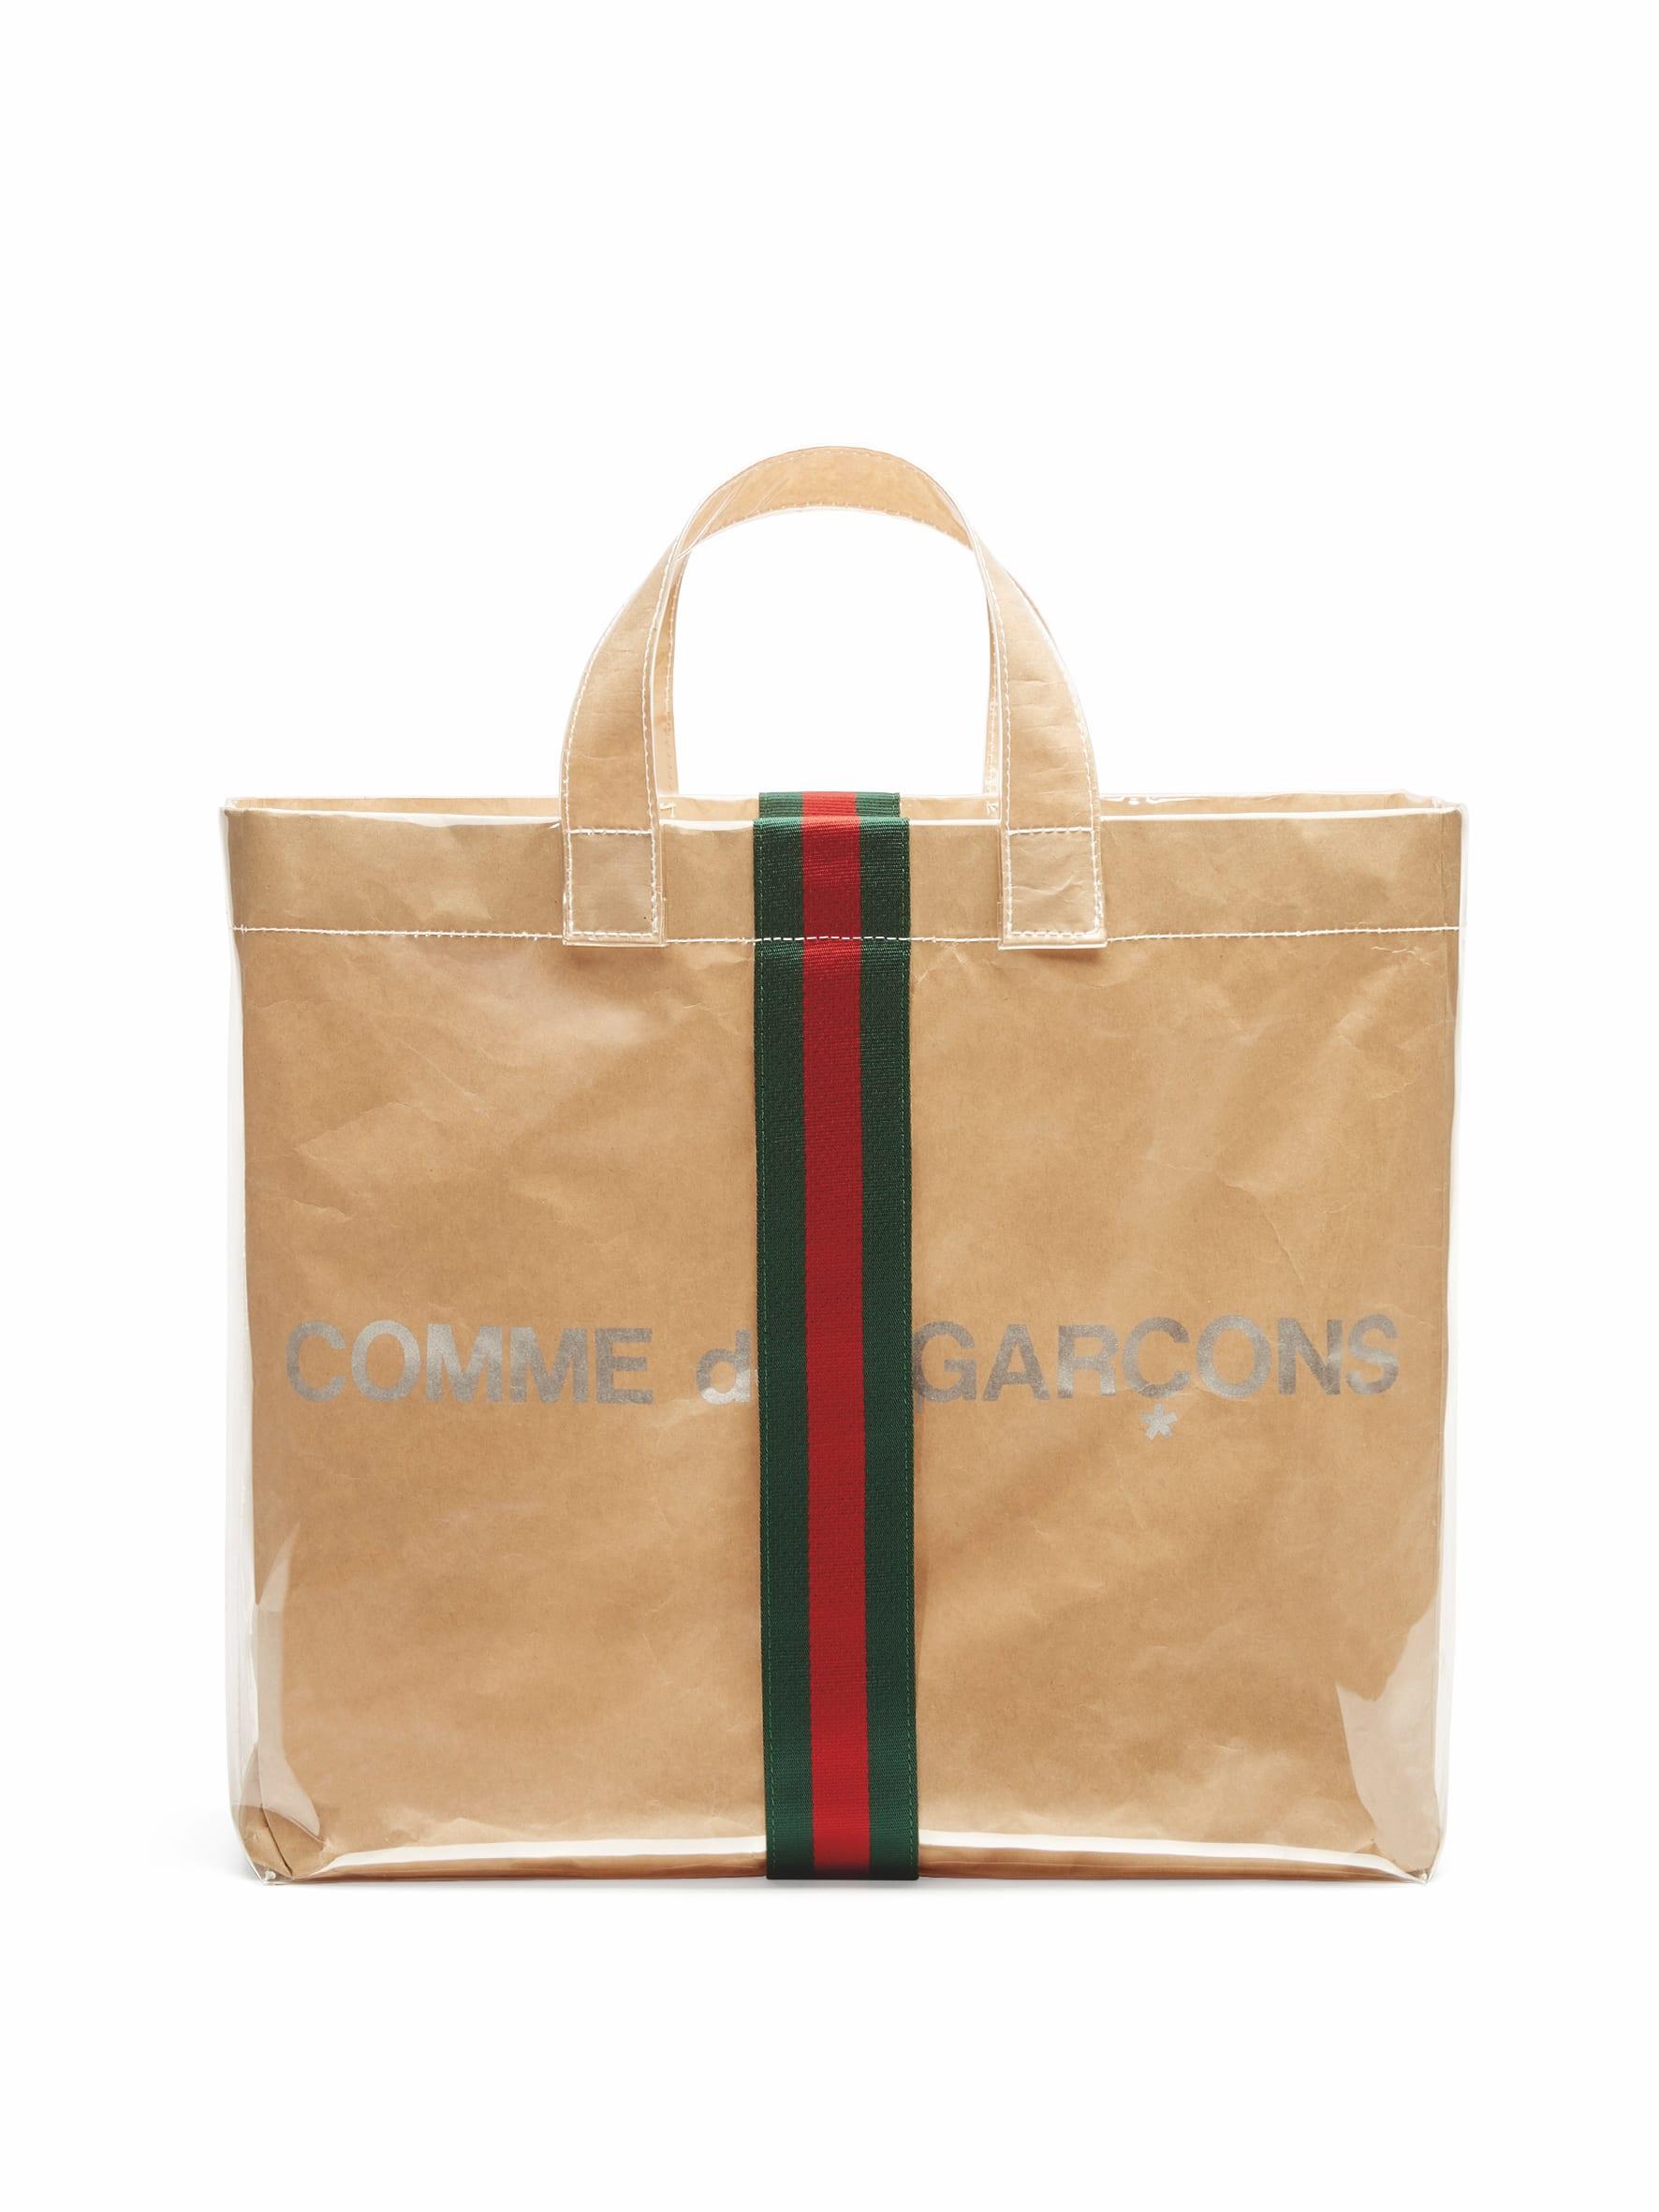 80b9f1a87e44 「コム デ ギャルソン(COMME des GARÇONS)」が、「グッチ(Gucci)」とコラボレーションしたバッグ を発売した。11月23日に先行販売した日本のコム デ ギャルソンと ...